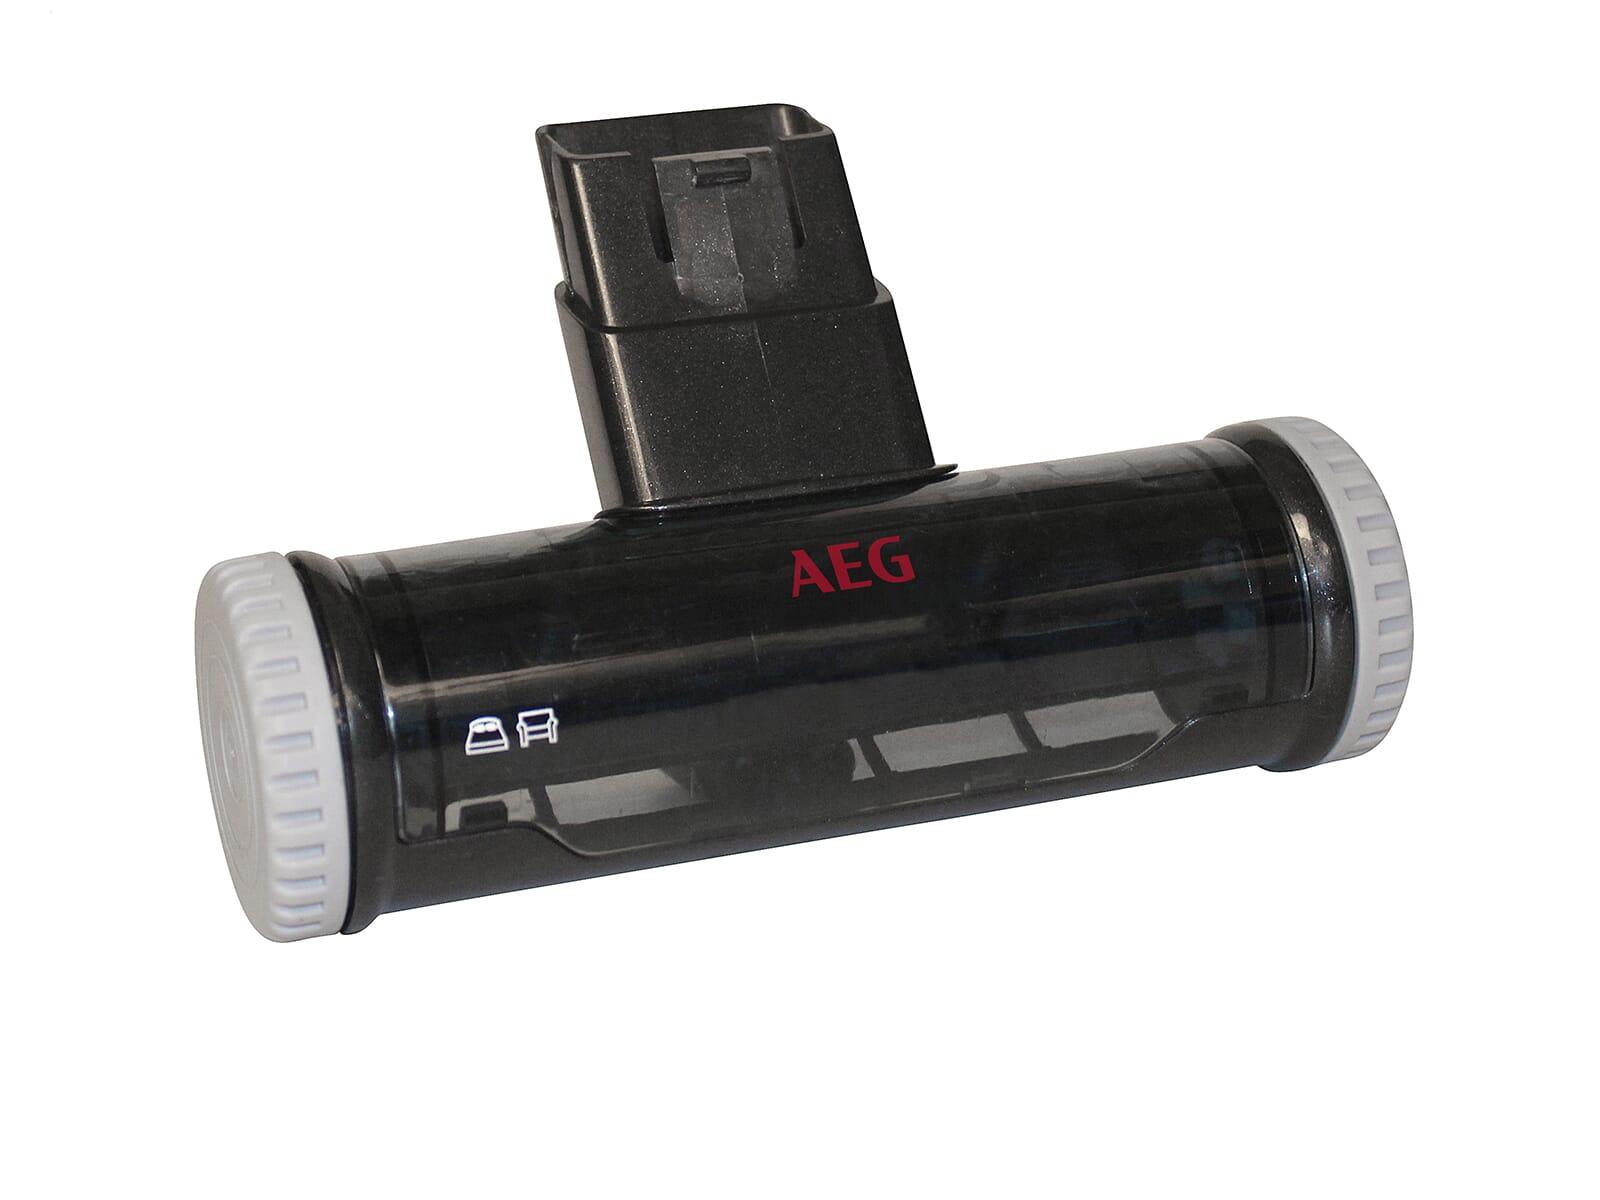 AEG AZE125 Matratzendüse